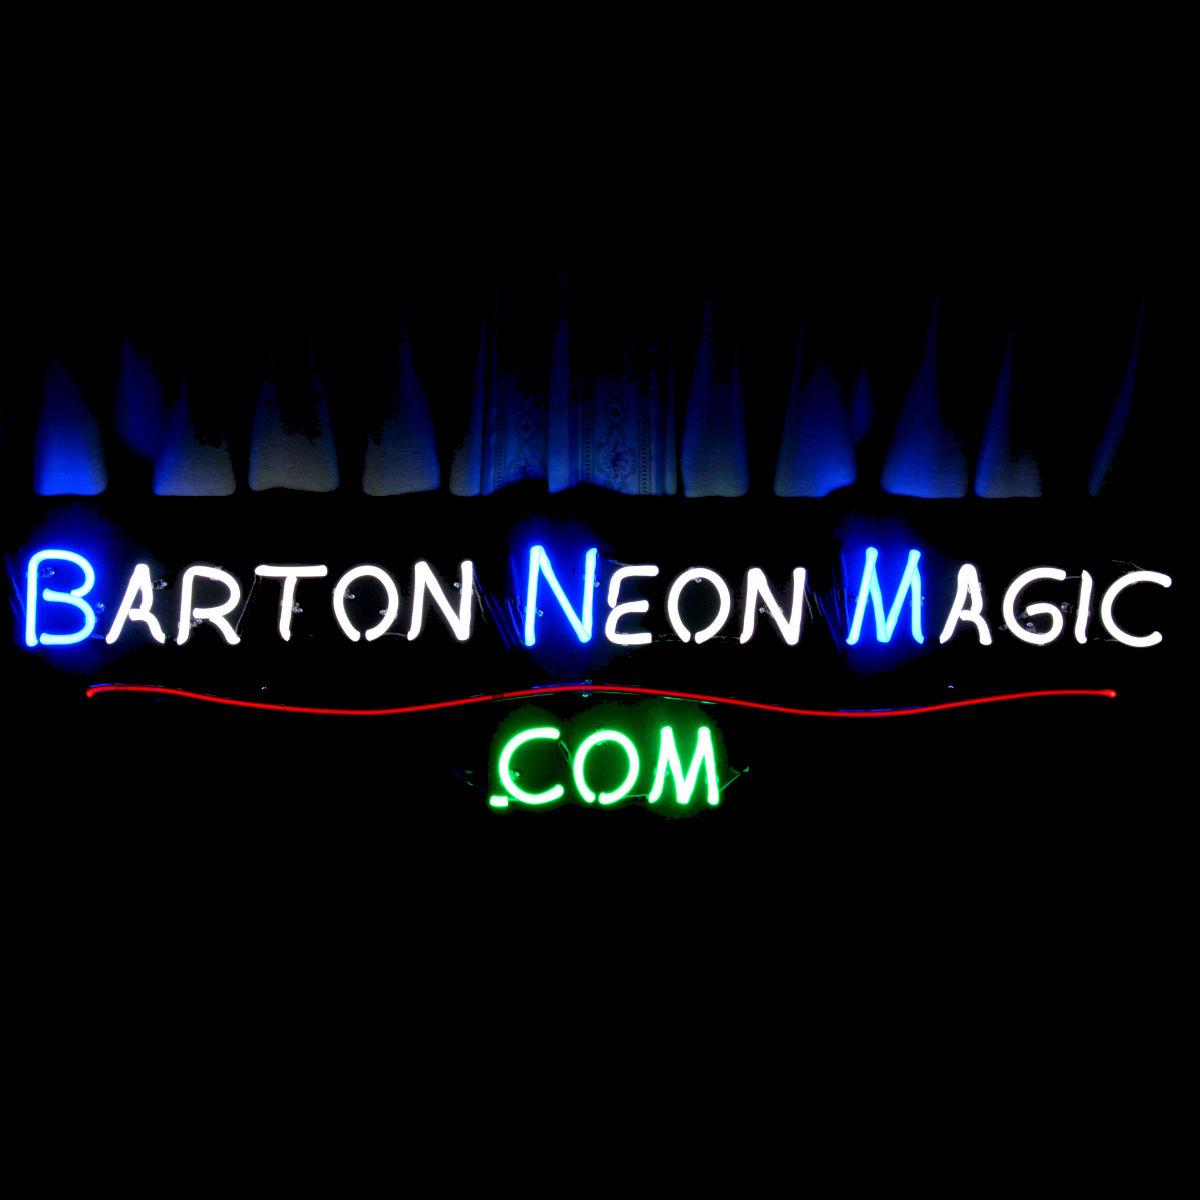 BartonNeonMagic.com - Packard Neon Signs by John Barton - former Packard New Car Dealer